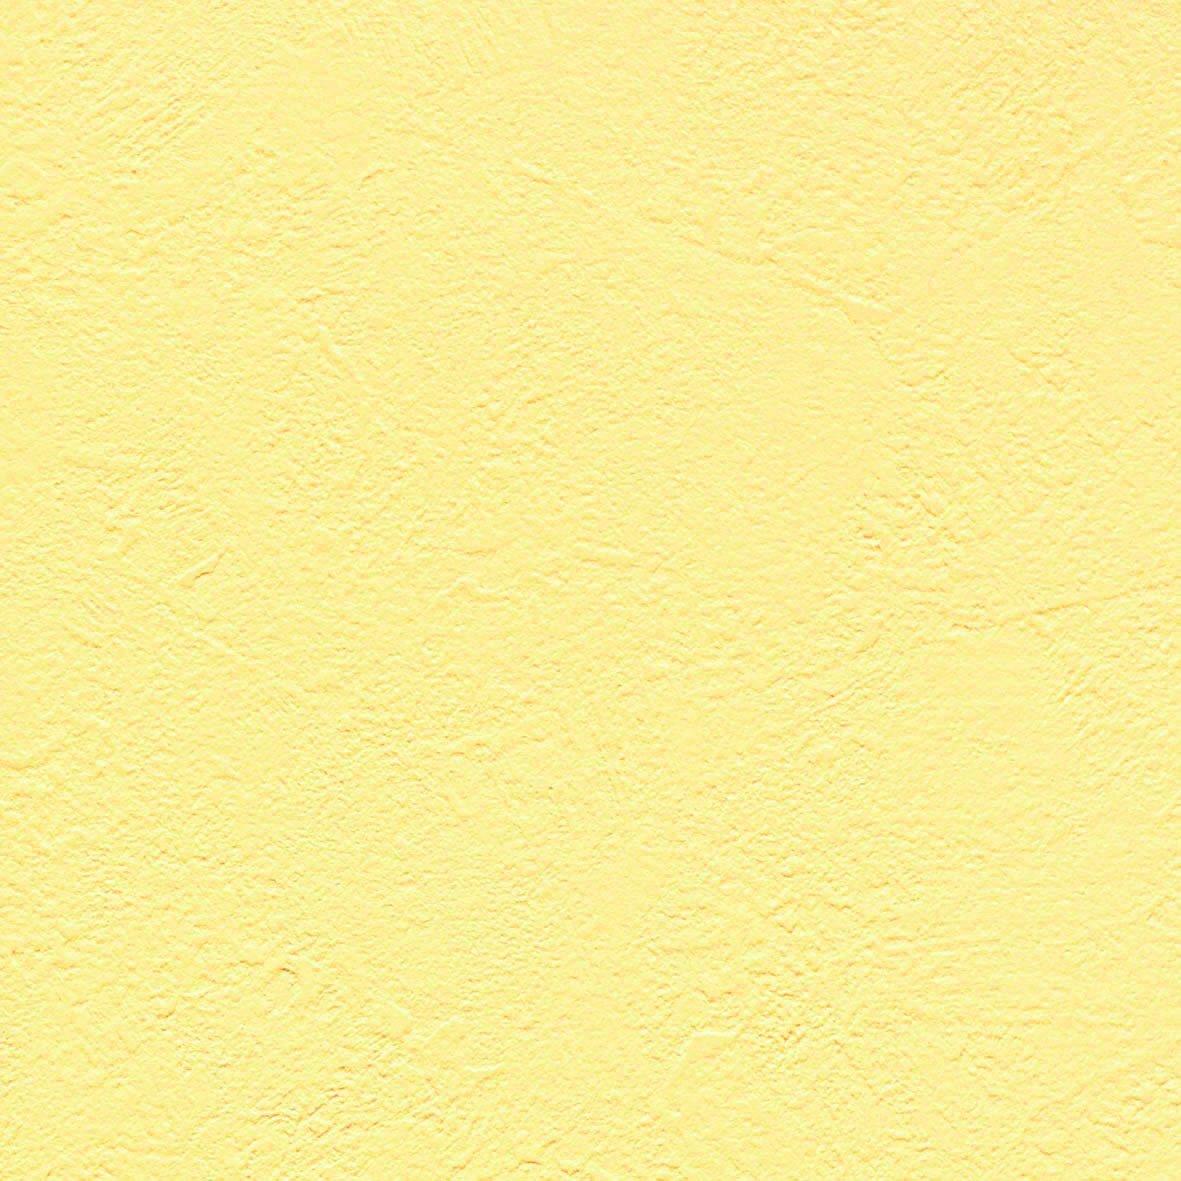 リリカラ 壁紙26m シンフル 石目調 イエロー LL-8234 B01N0AAIPE 26m|イエロー